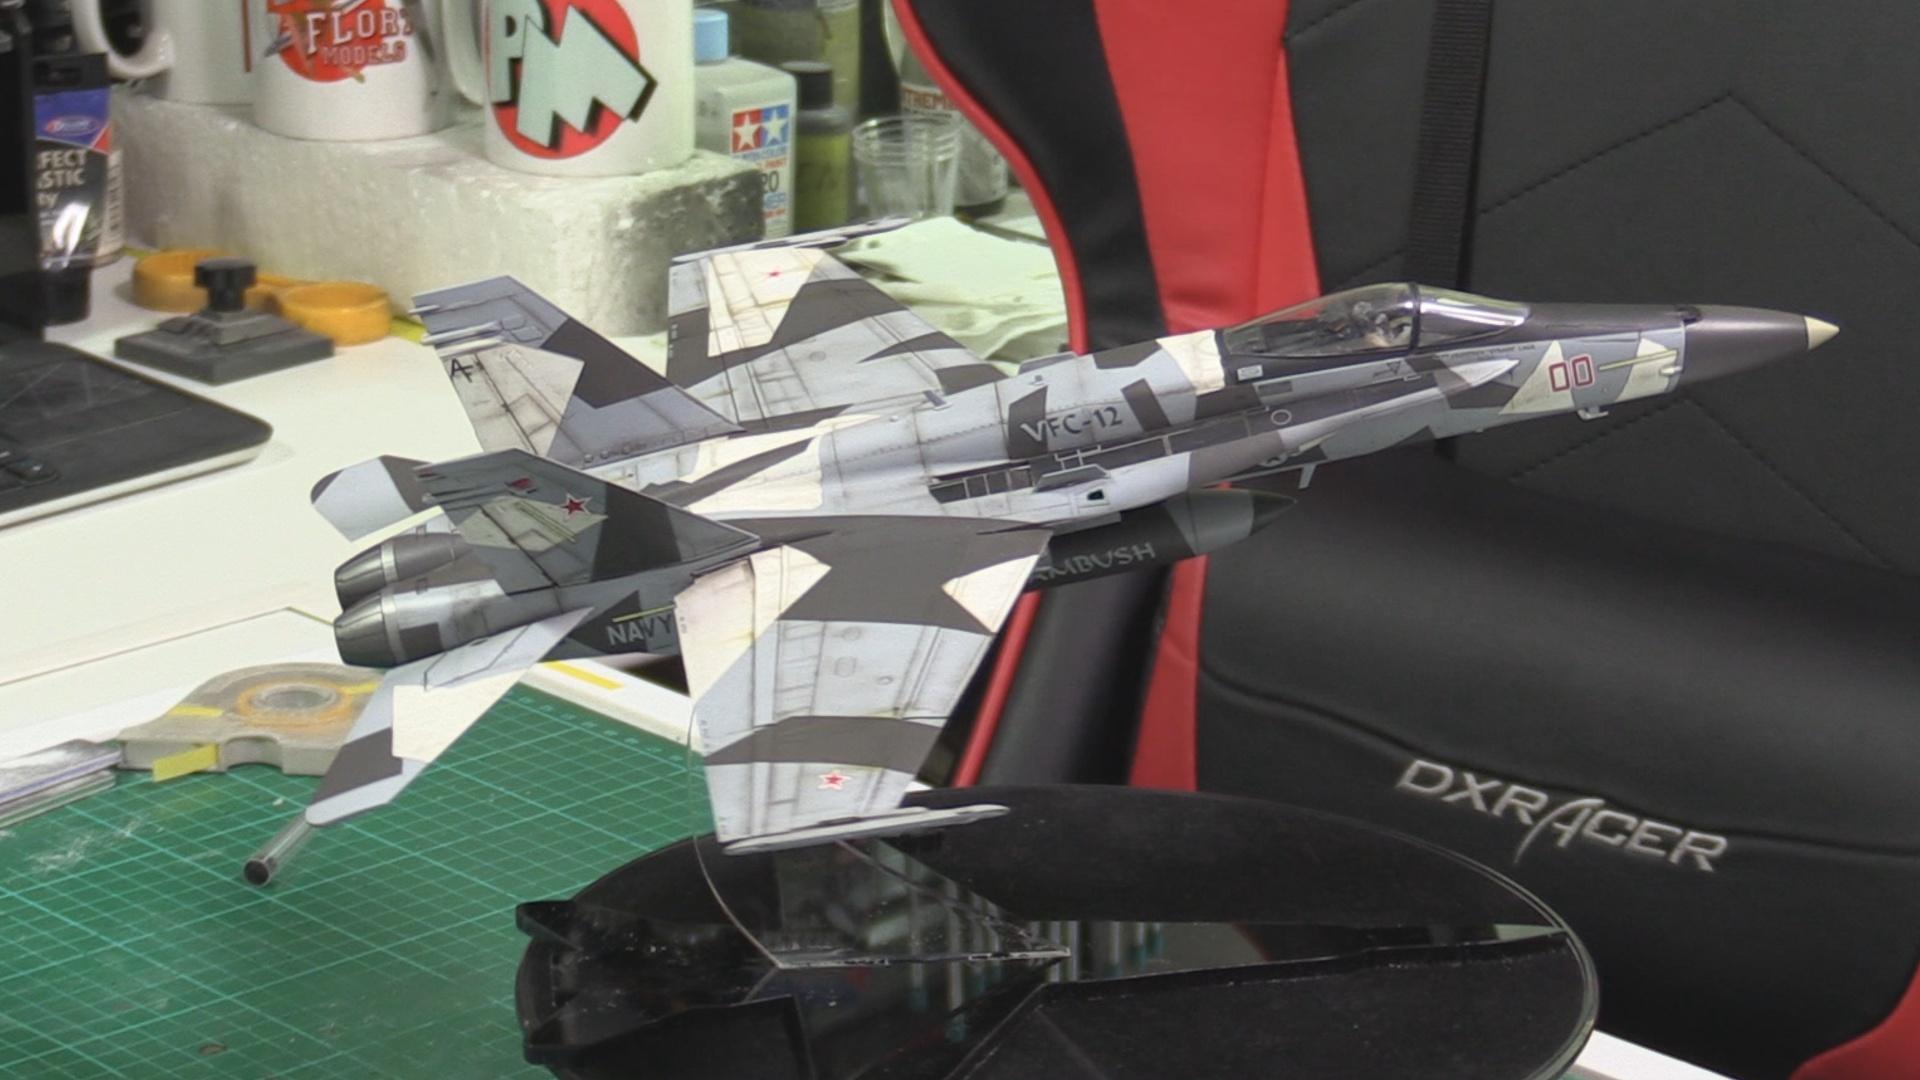 Kinetic Hornet part 8 pic 8.jpg